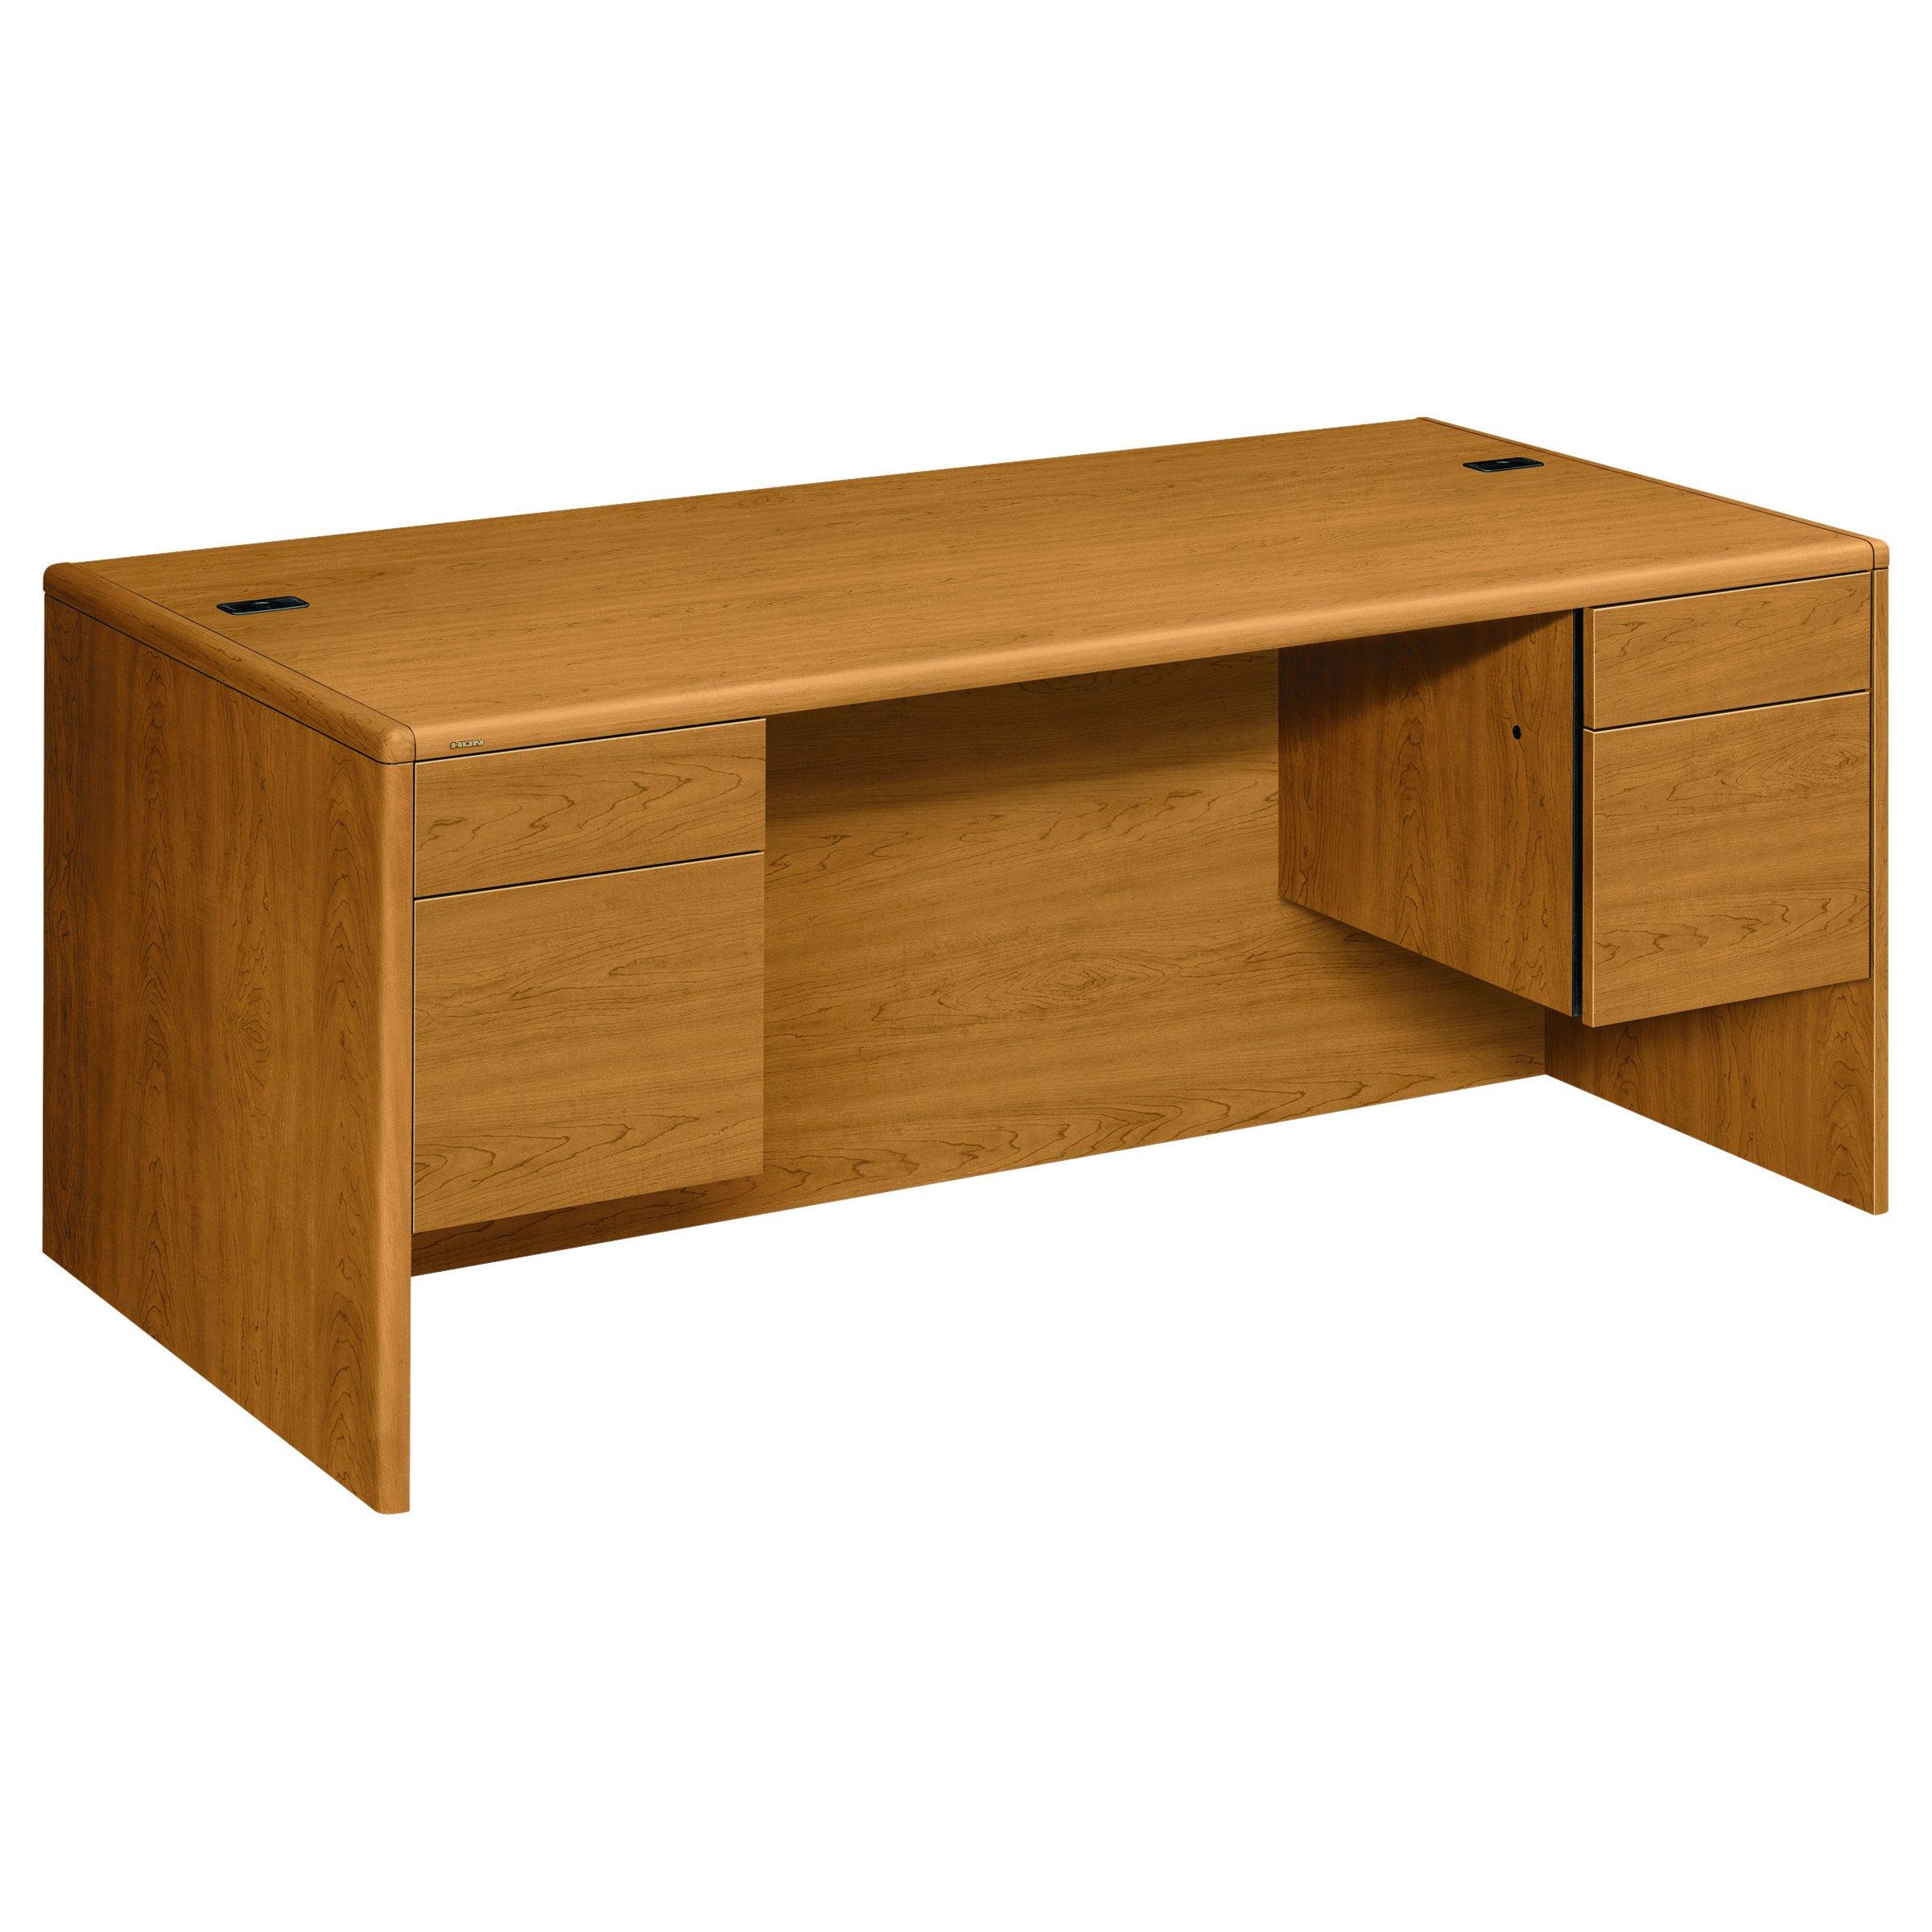 HON 10791CC 10700 Series Desk 3/4 Height Double Pedestals 72w x 36d x 29 1/2h Harvest, Harvest